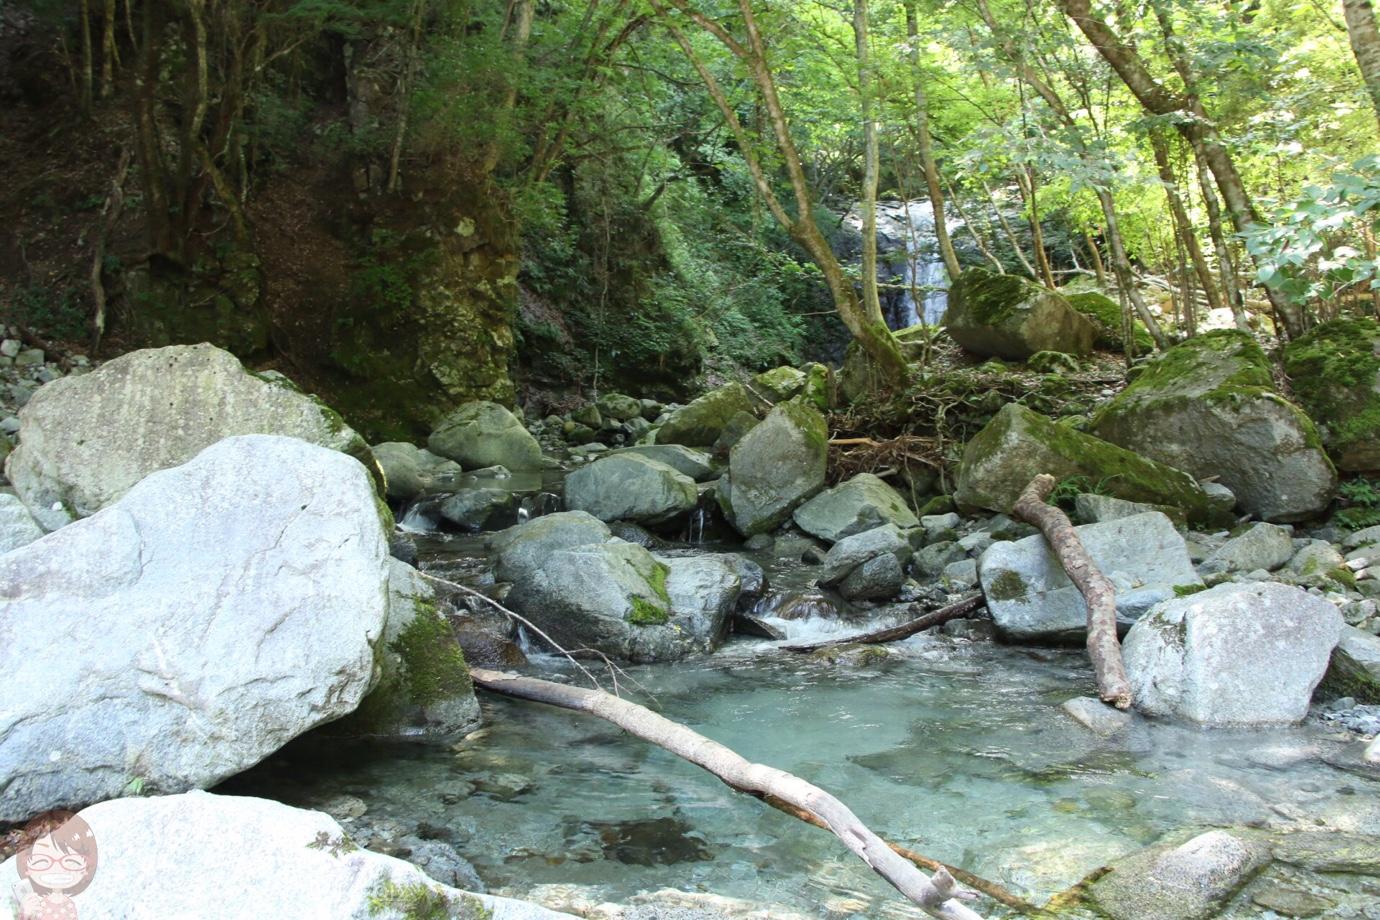 神奈川県 丹沢の秘境「大滝」をハイキング!驚愕の透明度を体験できる超穴場スポット